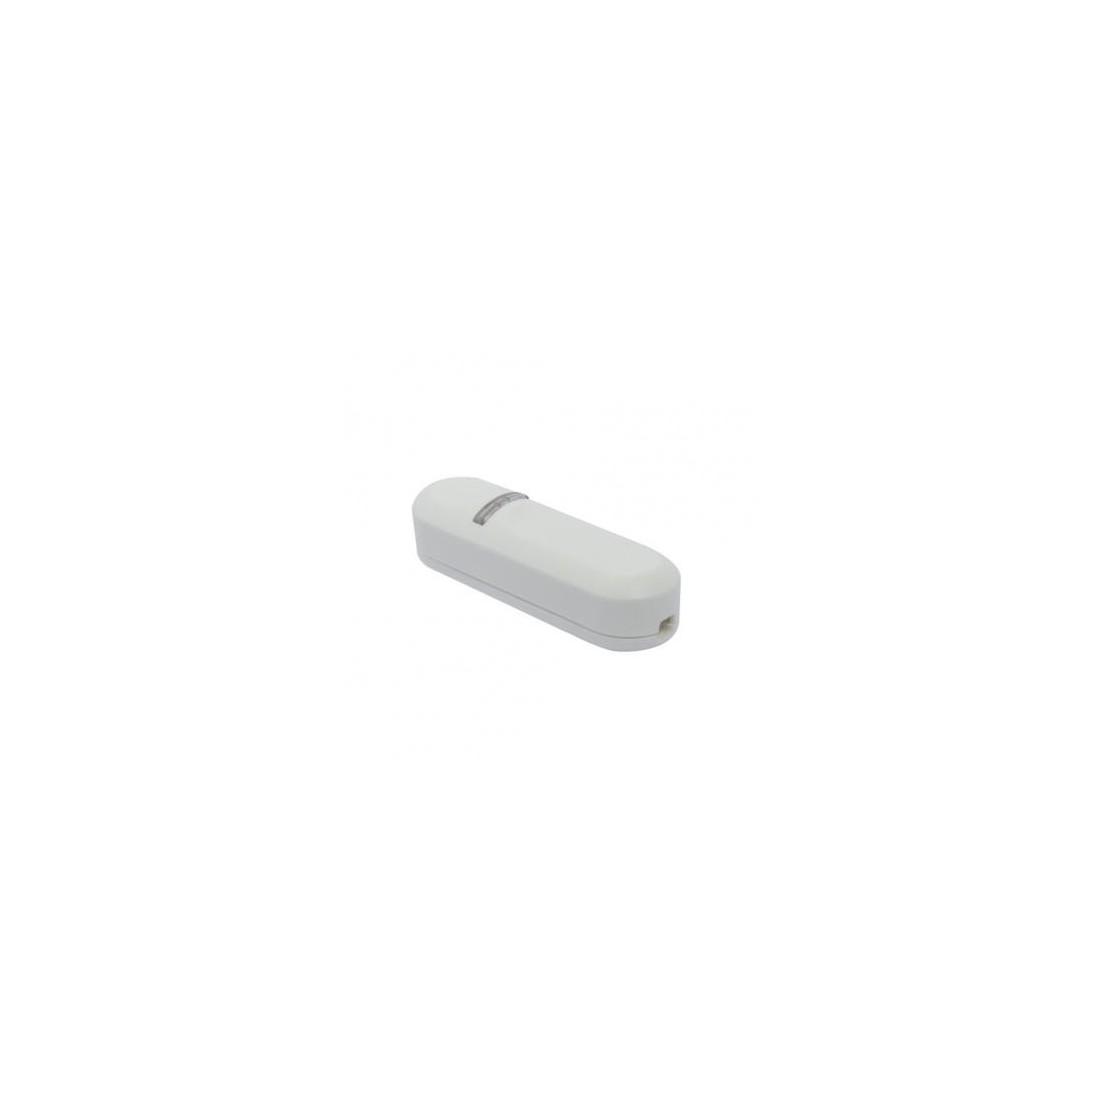 Regulador electrónico universal - Blanco